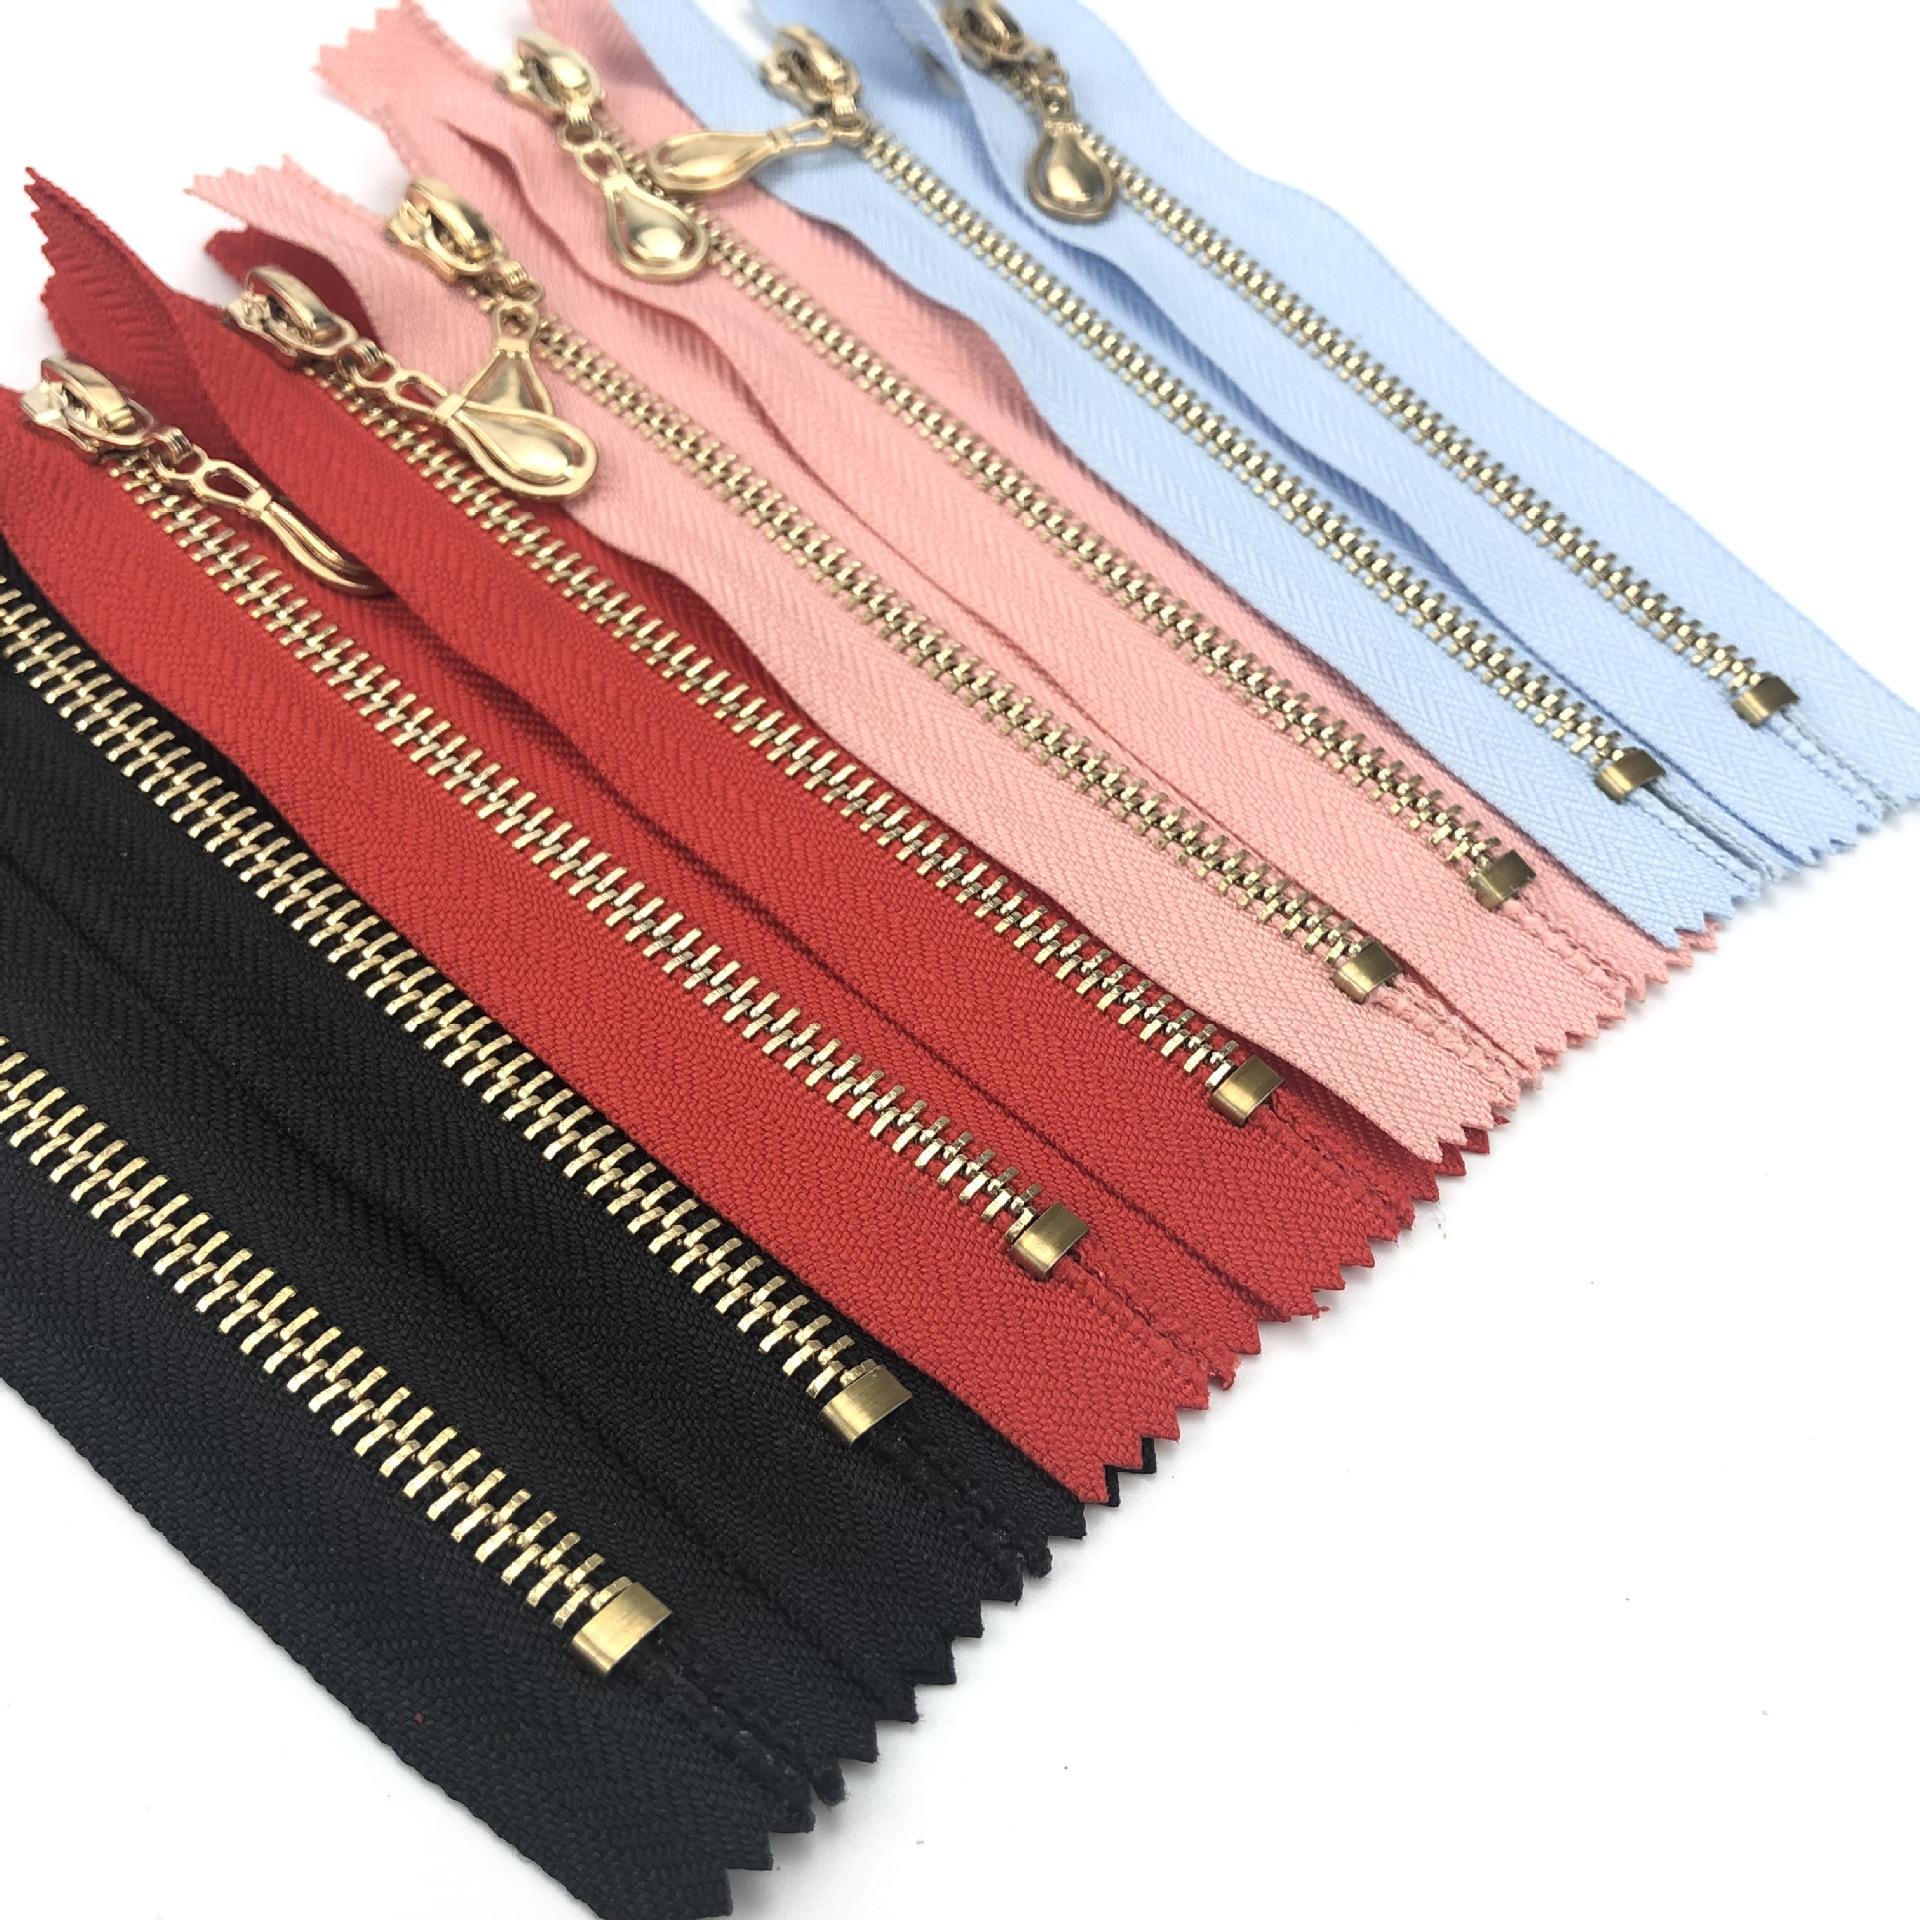 Lange kette messing band 5 männer der jeans gold benutzerdefinierte zipper für jacke